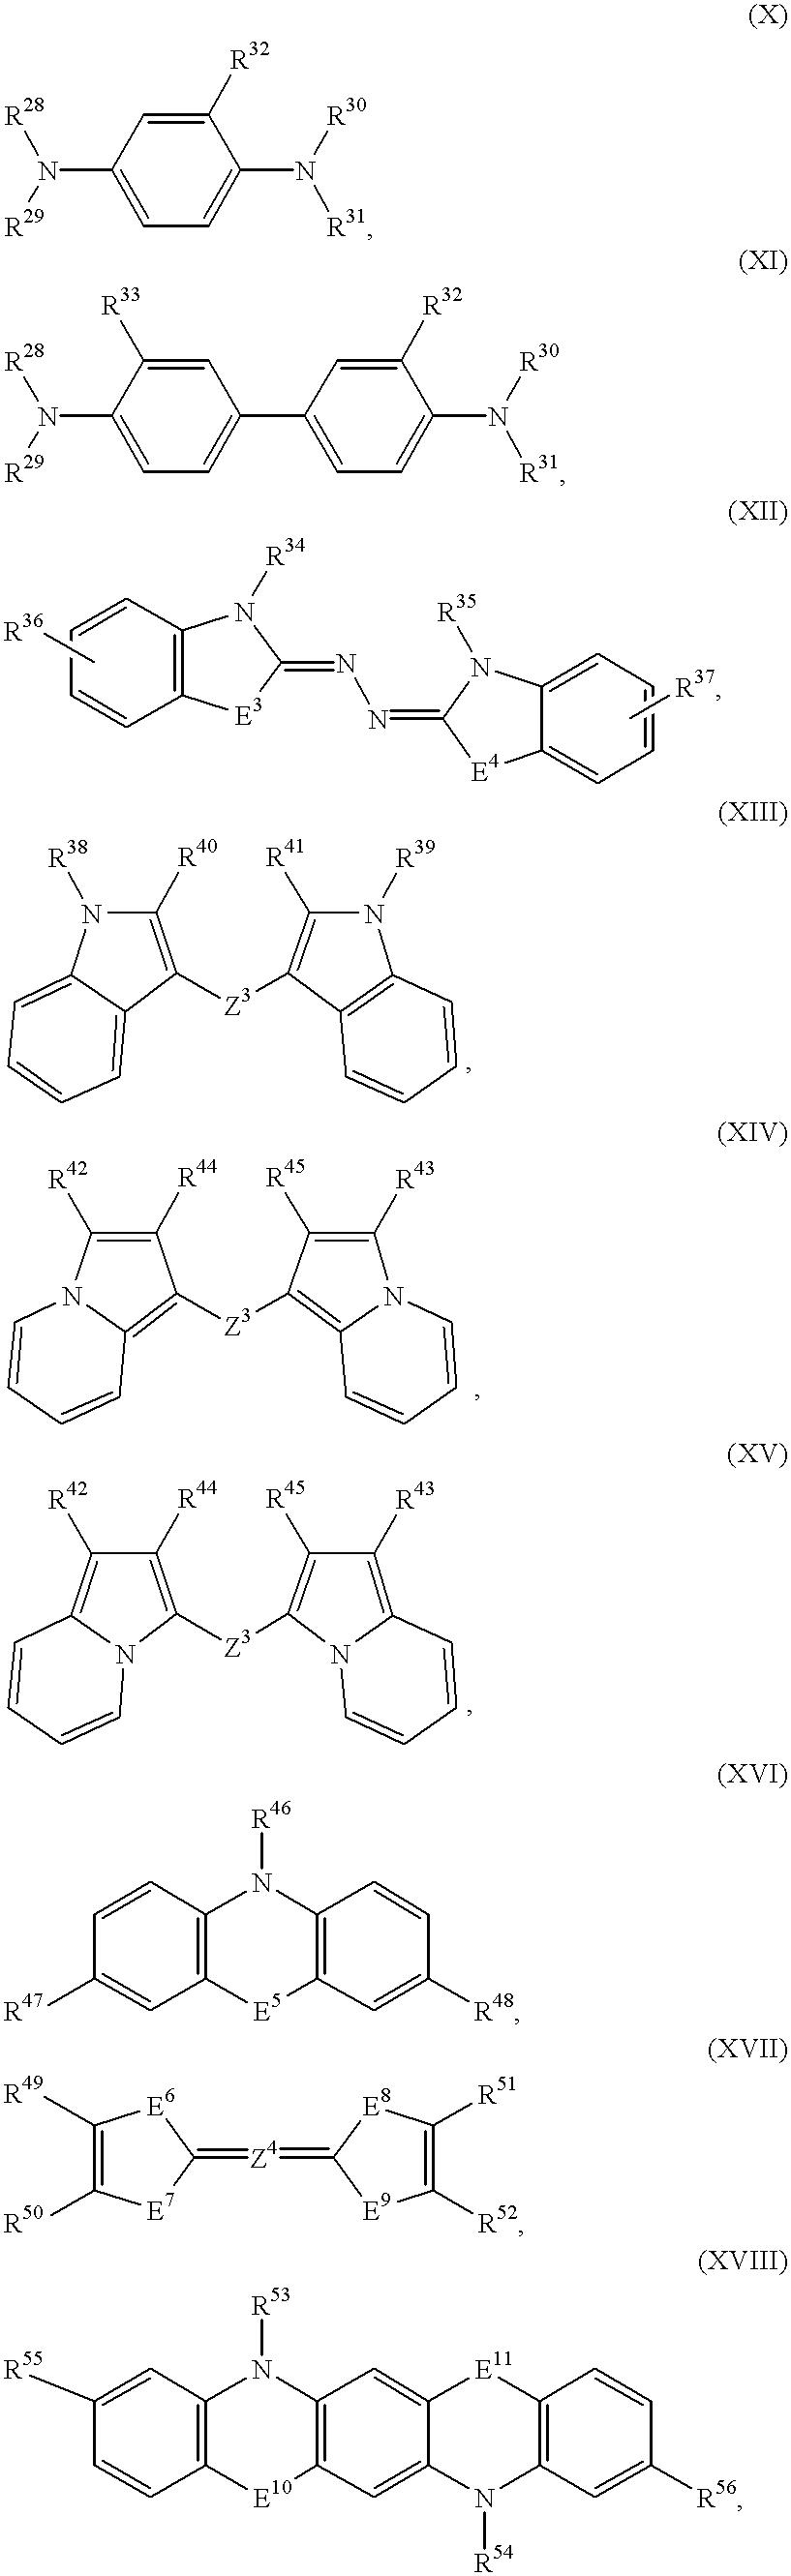 Figure US06183878-20010206-C00005